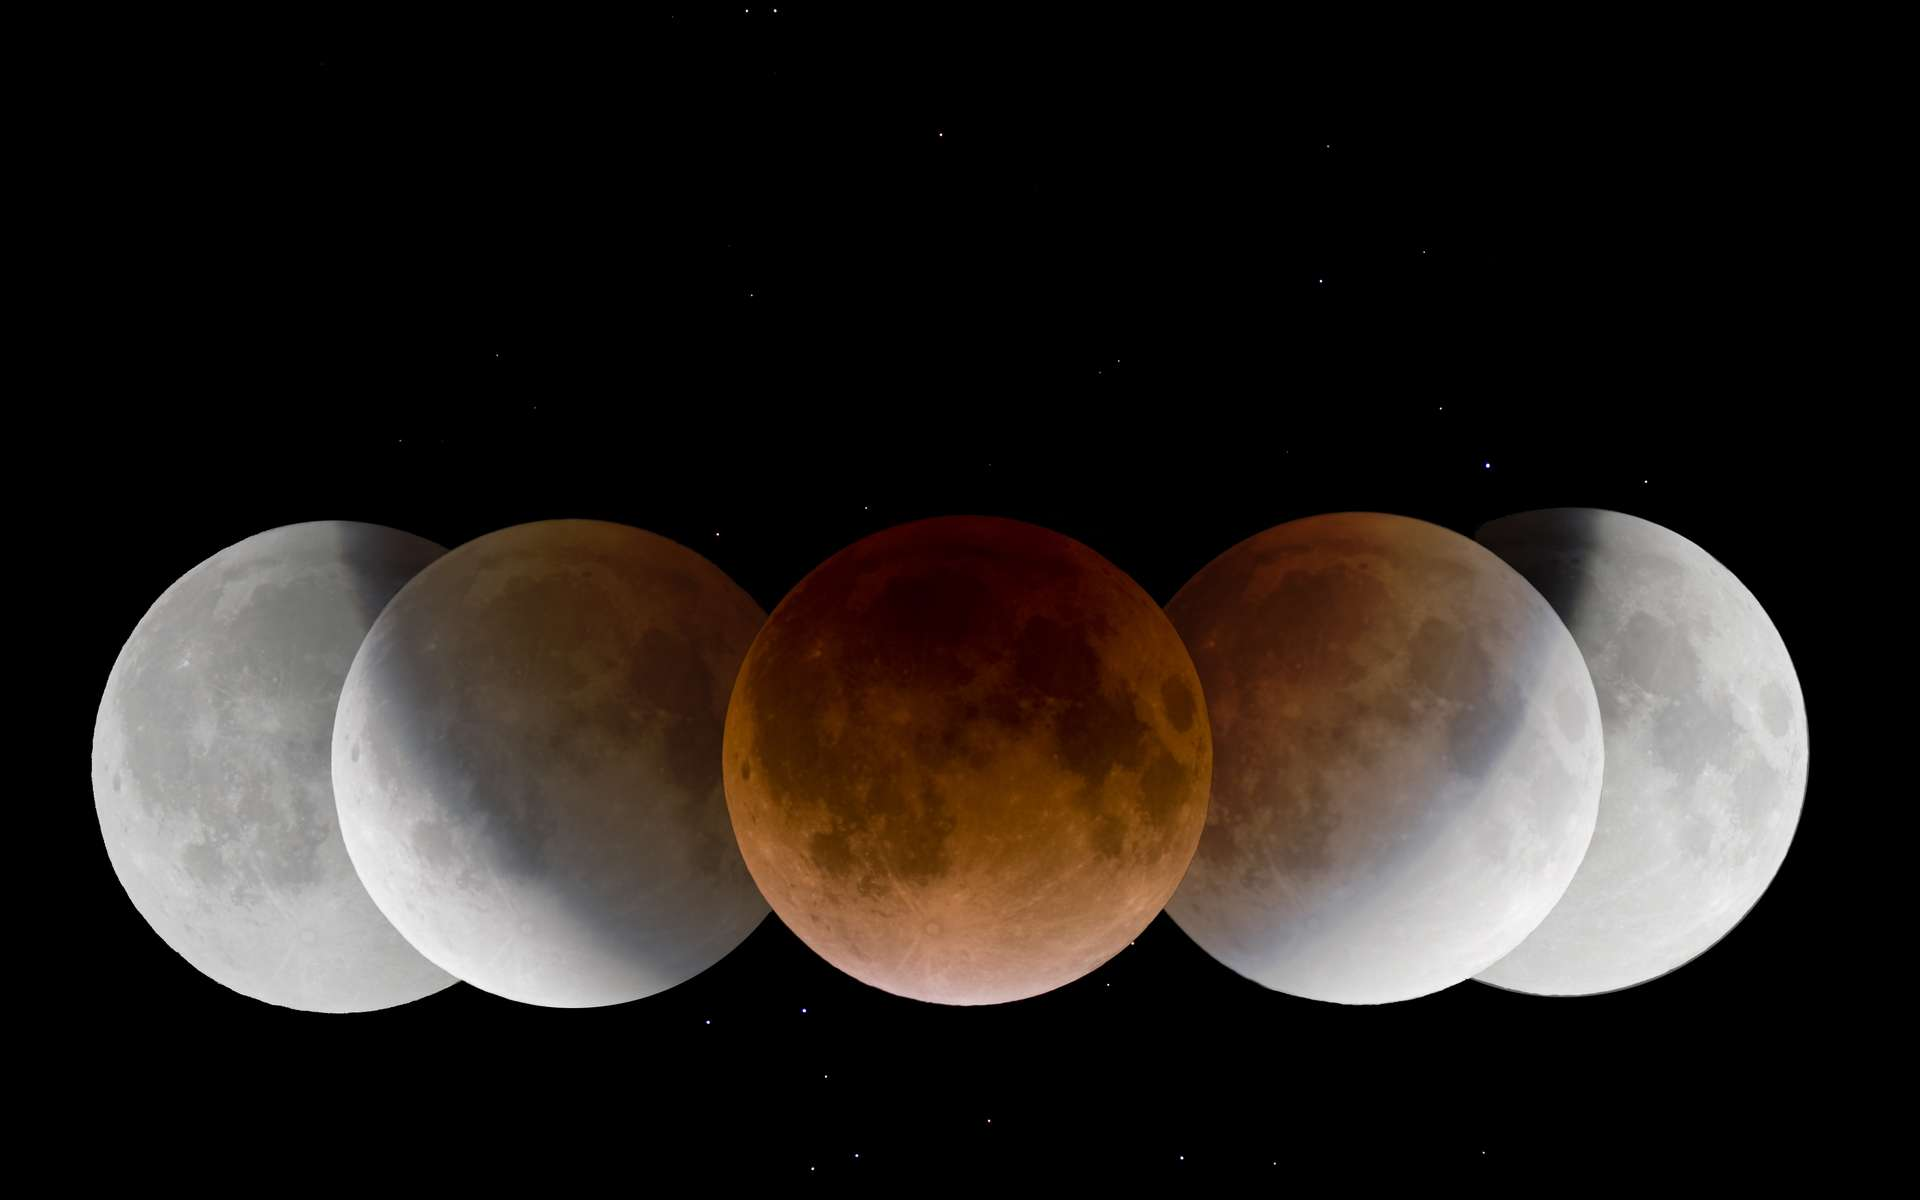 Lors d'une éclipse de Lune, notre satellite prend une couleur cuivrée. © Wang, Letian, APOD